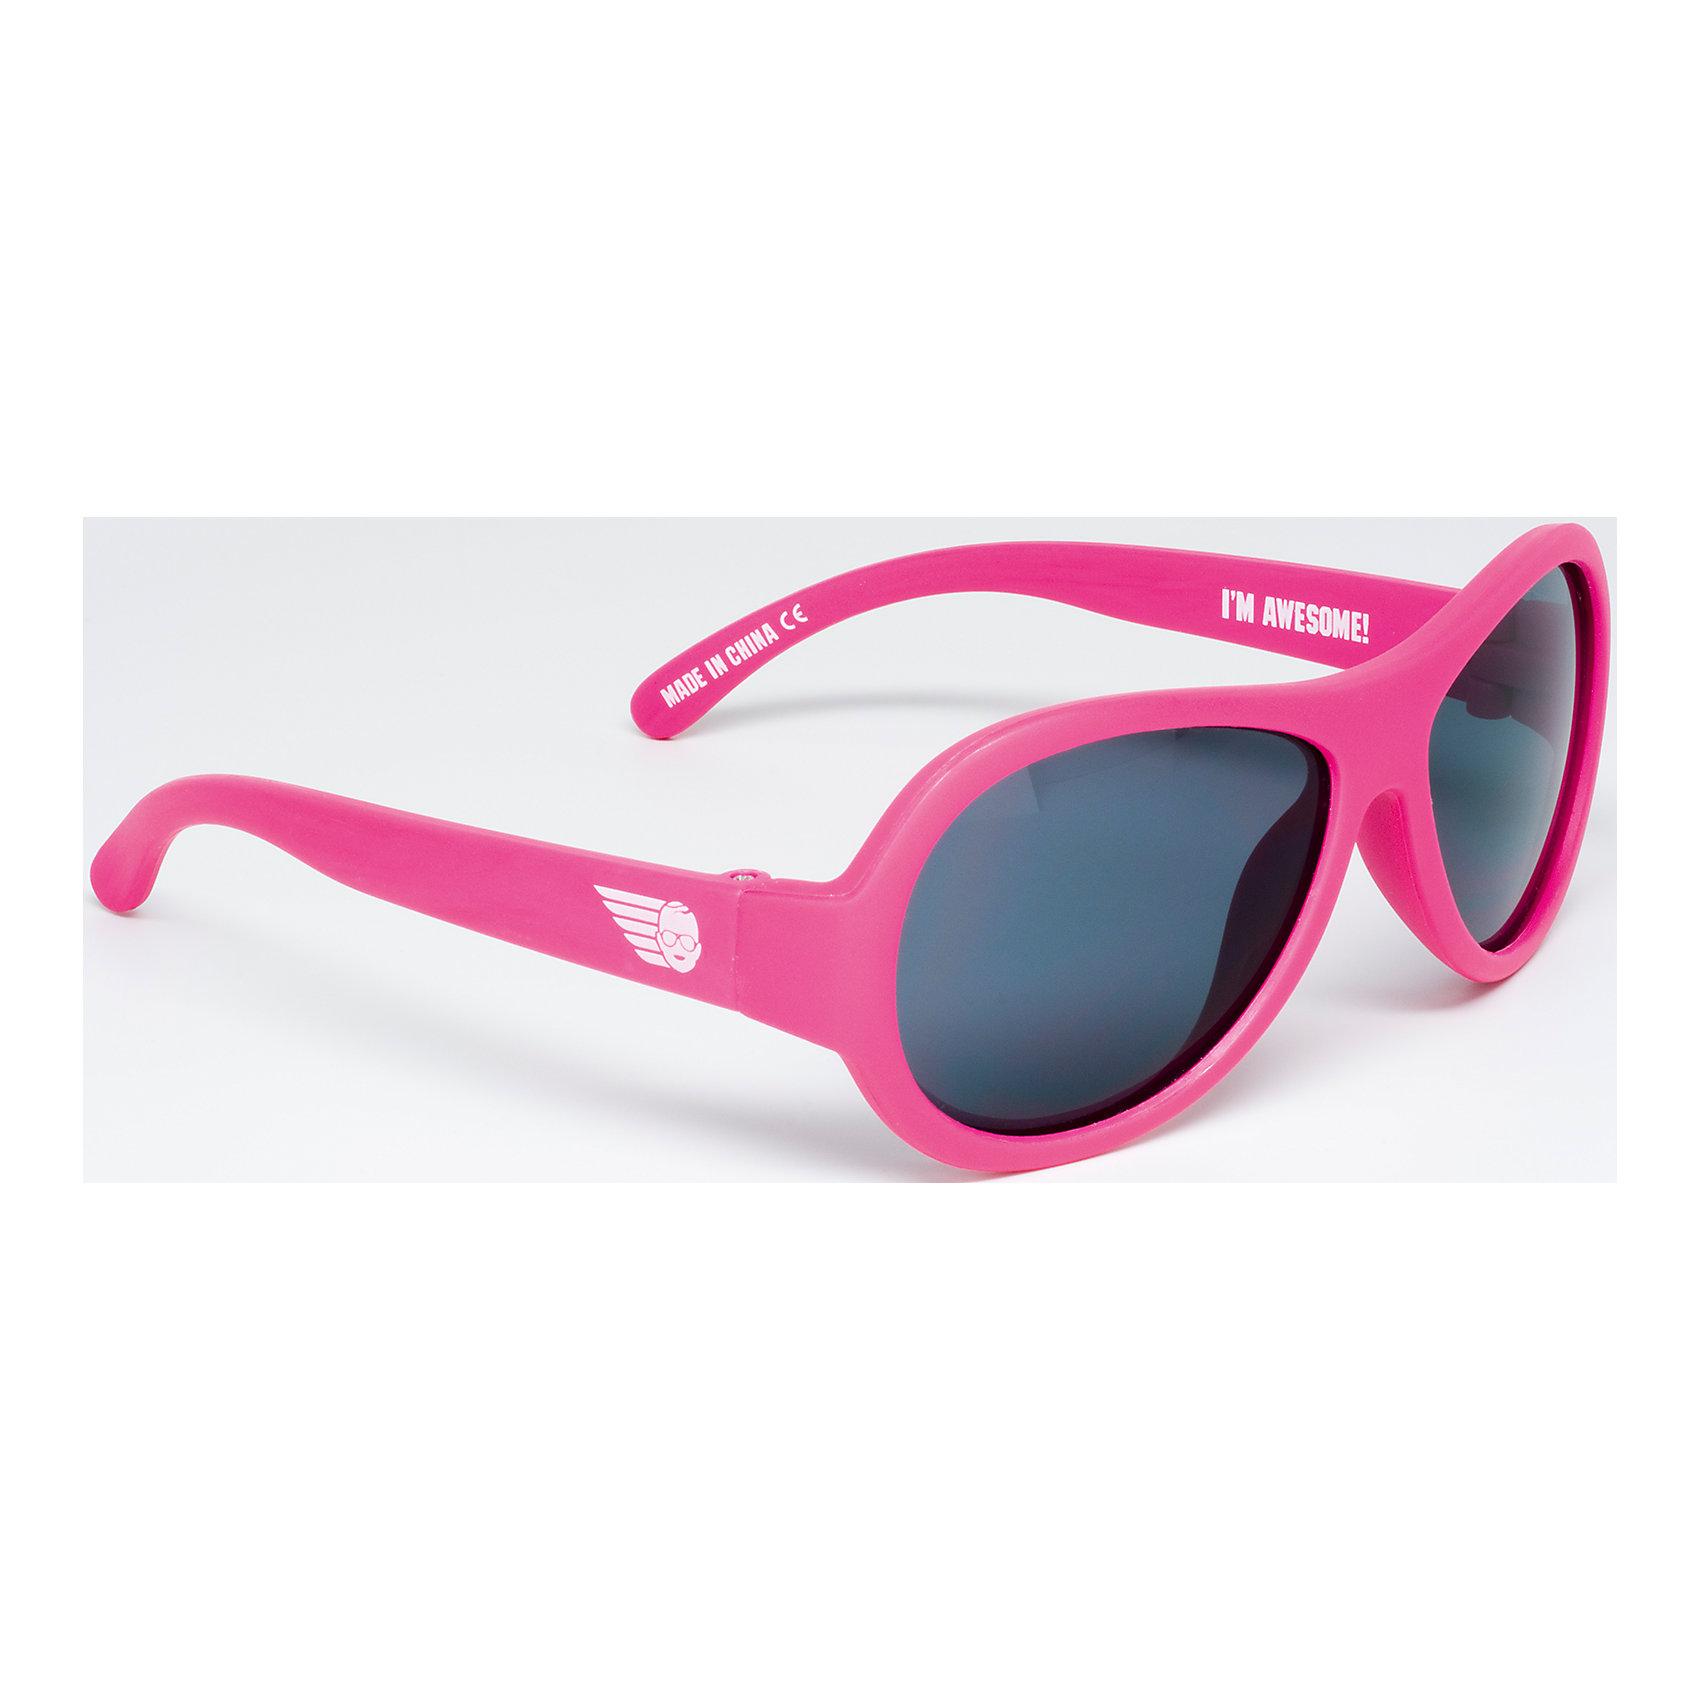 Солнцезащитные очки Babiators OriginalЗащита глаз всегда в моде.<br>Вы делаете все возможное, чтобы ваши дети были здоровы и в безопасности. Шлемы для езды на велосипеде, солнцезащитный крем для прогулок на солнце. Но как насчёт влияния солнца на глазах вашего ребёнка? Правда в том, что сетчатка глаза у детей развивается вместе с самим ребёнком. Это означает, что глаза малышей не могут отфильтровать УФ-излучение. Добавьте к этому тот факт, что дети за год получают трёхкратную дозу солнечного воздействия на взрослого человека (доклад Vision Council Report 2013, США). Проблема понятна - детям нужна настоящая защита, чтобы глазка были в безопасности, а зрение сильным.<br>Каждая пара солнцезащитных очков Babiators для детей обеспечивает 100% защиту от UVA и UVB. Прочные линзы высшего качества не подведут в самых сложных переделках. Будьте уверены, что очки Babiators созданы безопасными, прочными и классными, так что вы и ваш маленький лётчик можете приступать к своим приключениям!<br><br>• Прочная, гибкая прорезиненная оправа;<br>• 100 % защита от UVA и UVB солнечных лучей;<br>• Ударопрочные линзы;<br>• Стильные: выбор многих голливудских звёзд.<br><br>Ширина мм: 170<br>Глубина мм: 157<br>Высота мм: 67<br>Вес г: 117<br>Возраст от месяцев: 36<br>Возраст до месяцев: 84<br>Пол: Унисекс<br>Возраст: Детский<br>SKU: 4766965